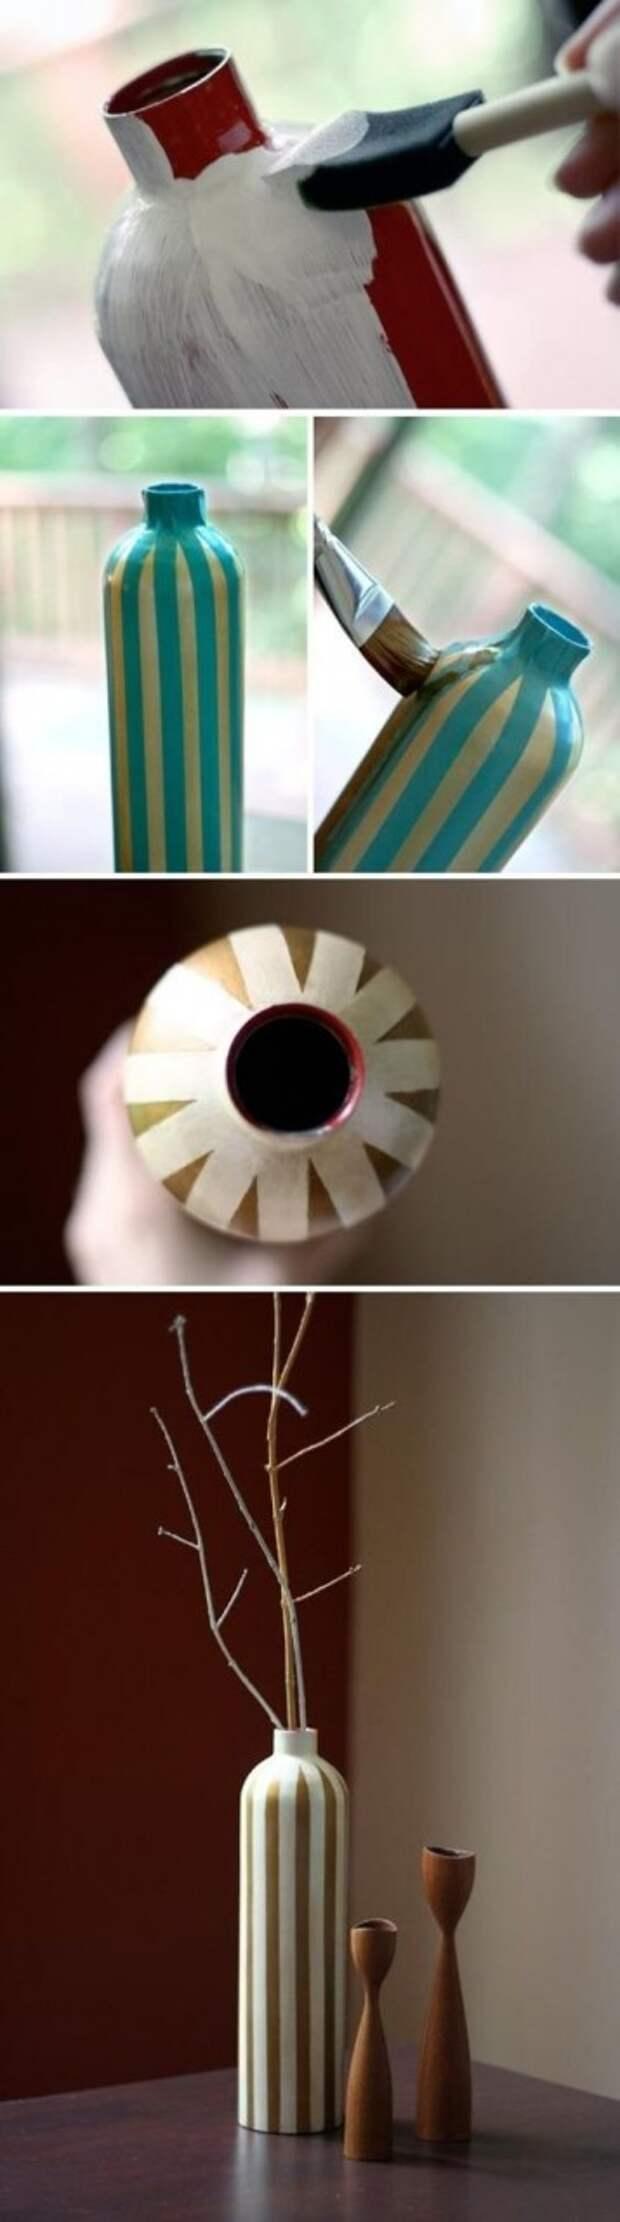 8. Про самые простые вещи тоже не стоит забывать - вазу, подставка для зонтов авто, идеи использования, огнетушитель, своими руками, фото